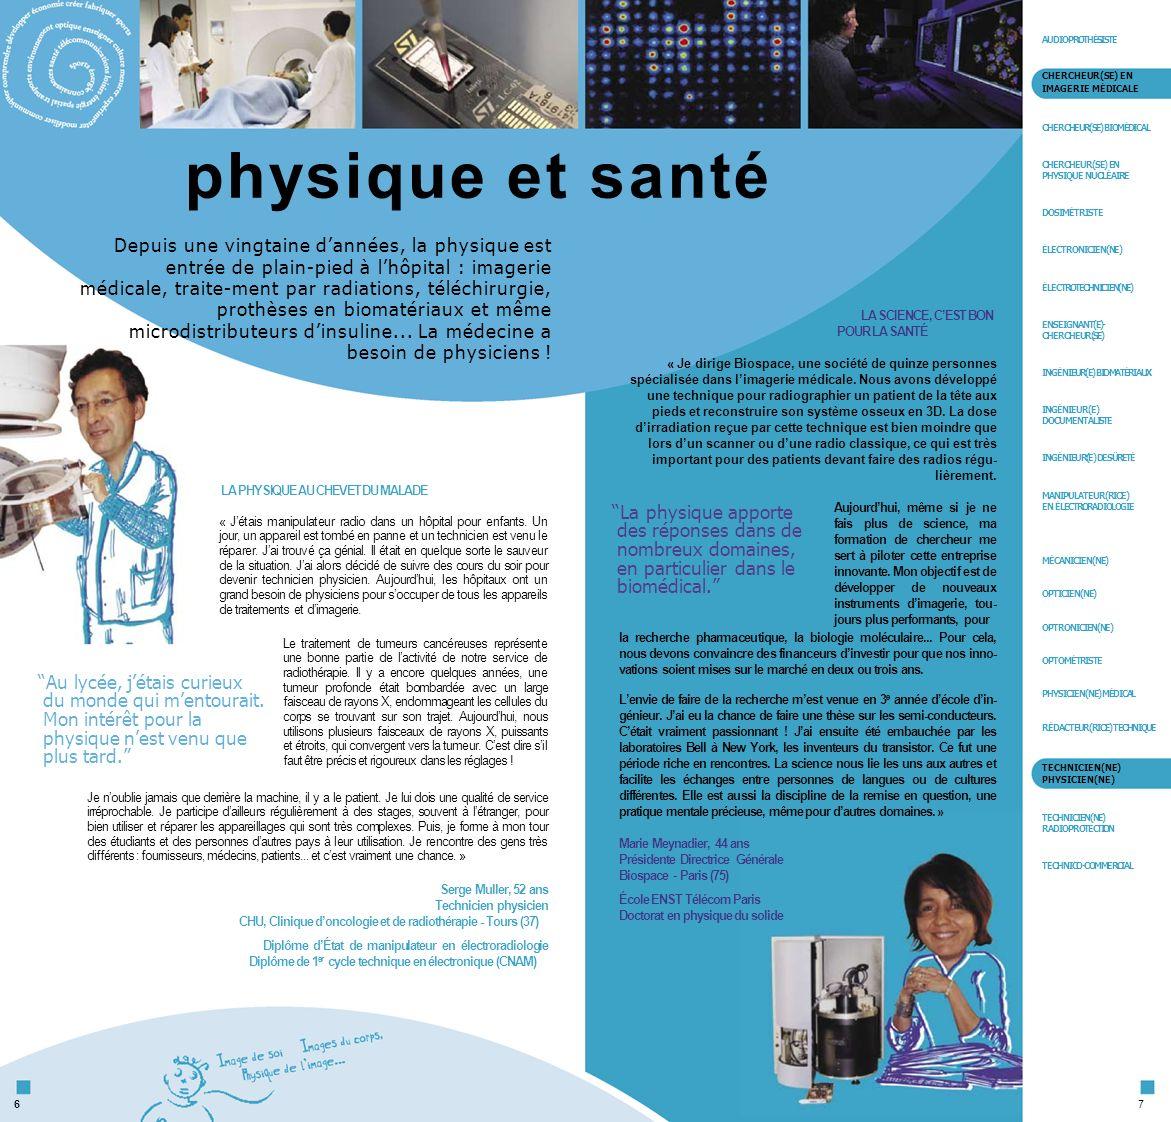 AUDIOPROTHÉSISTE CHERCHEUR(SE) EN IMAGERIE MÉDICALE. CHERCHEUR(SE) BIOMÉDICAL. physique et santé.